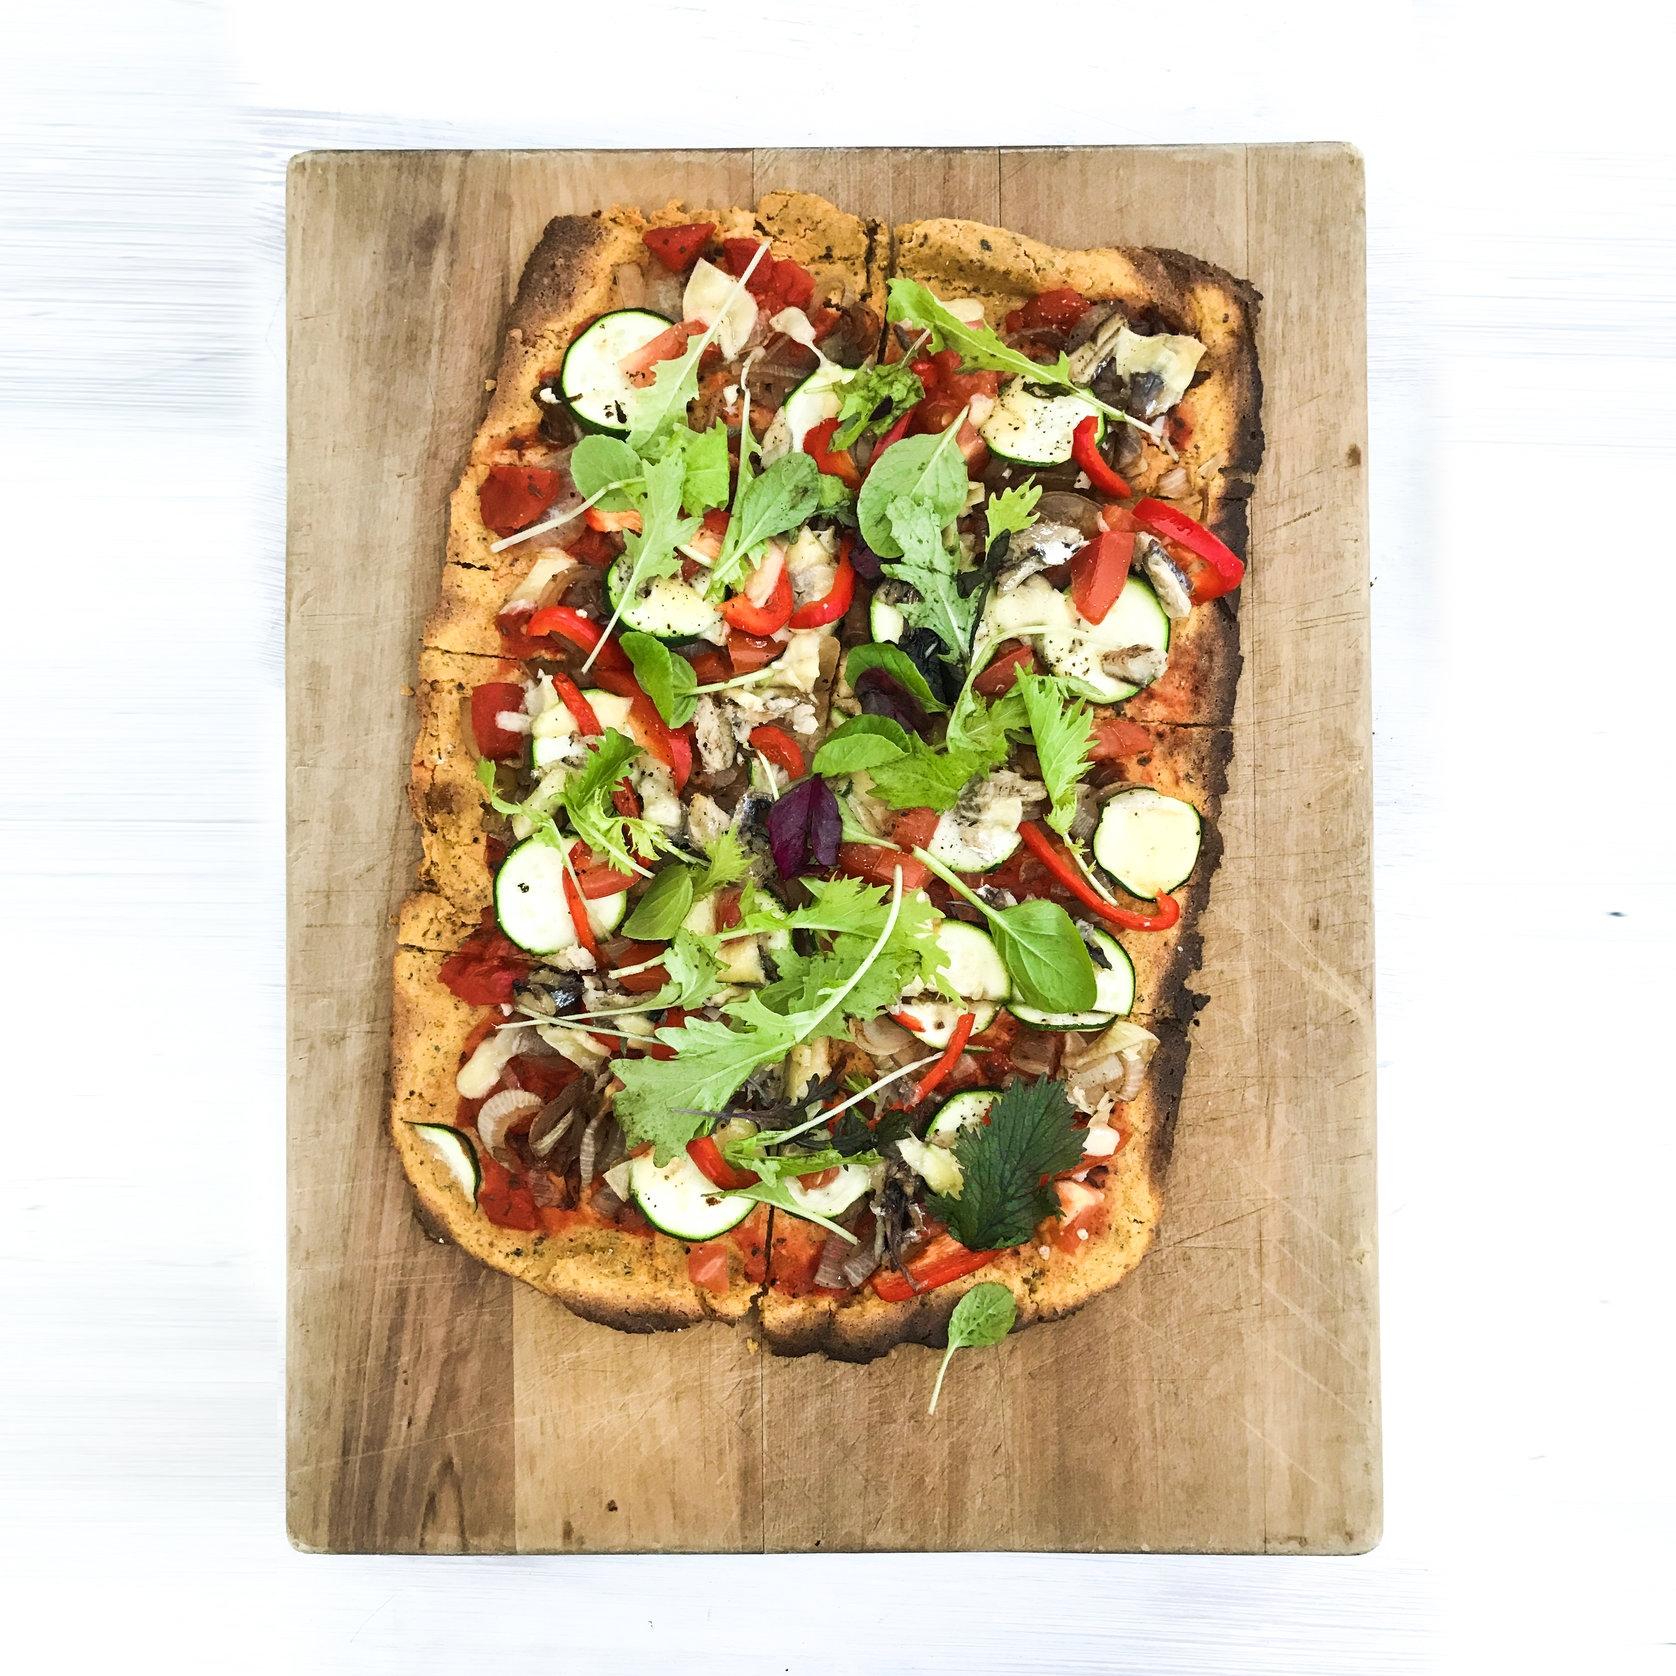 Sweet Potato Pizza Base Heaven - GF, Paleo, DF